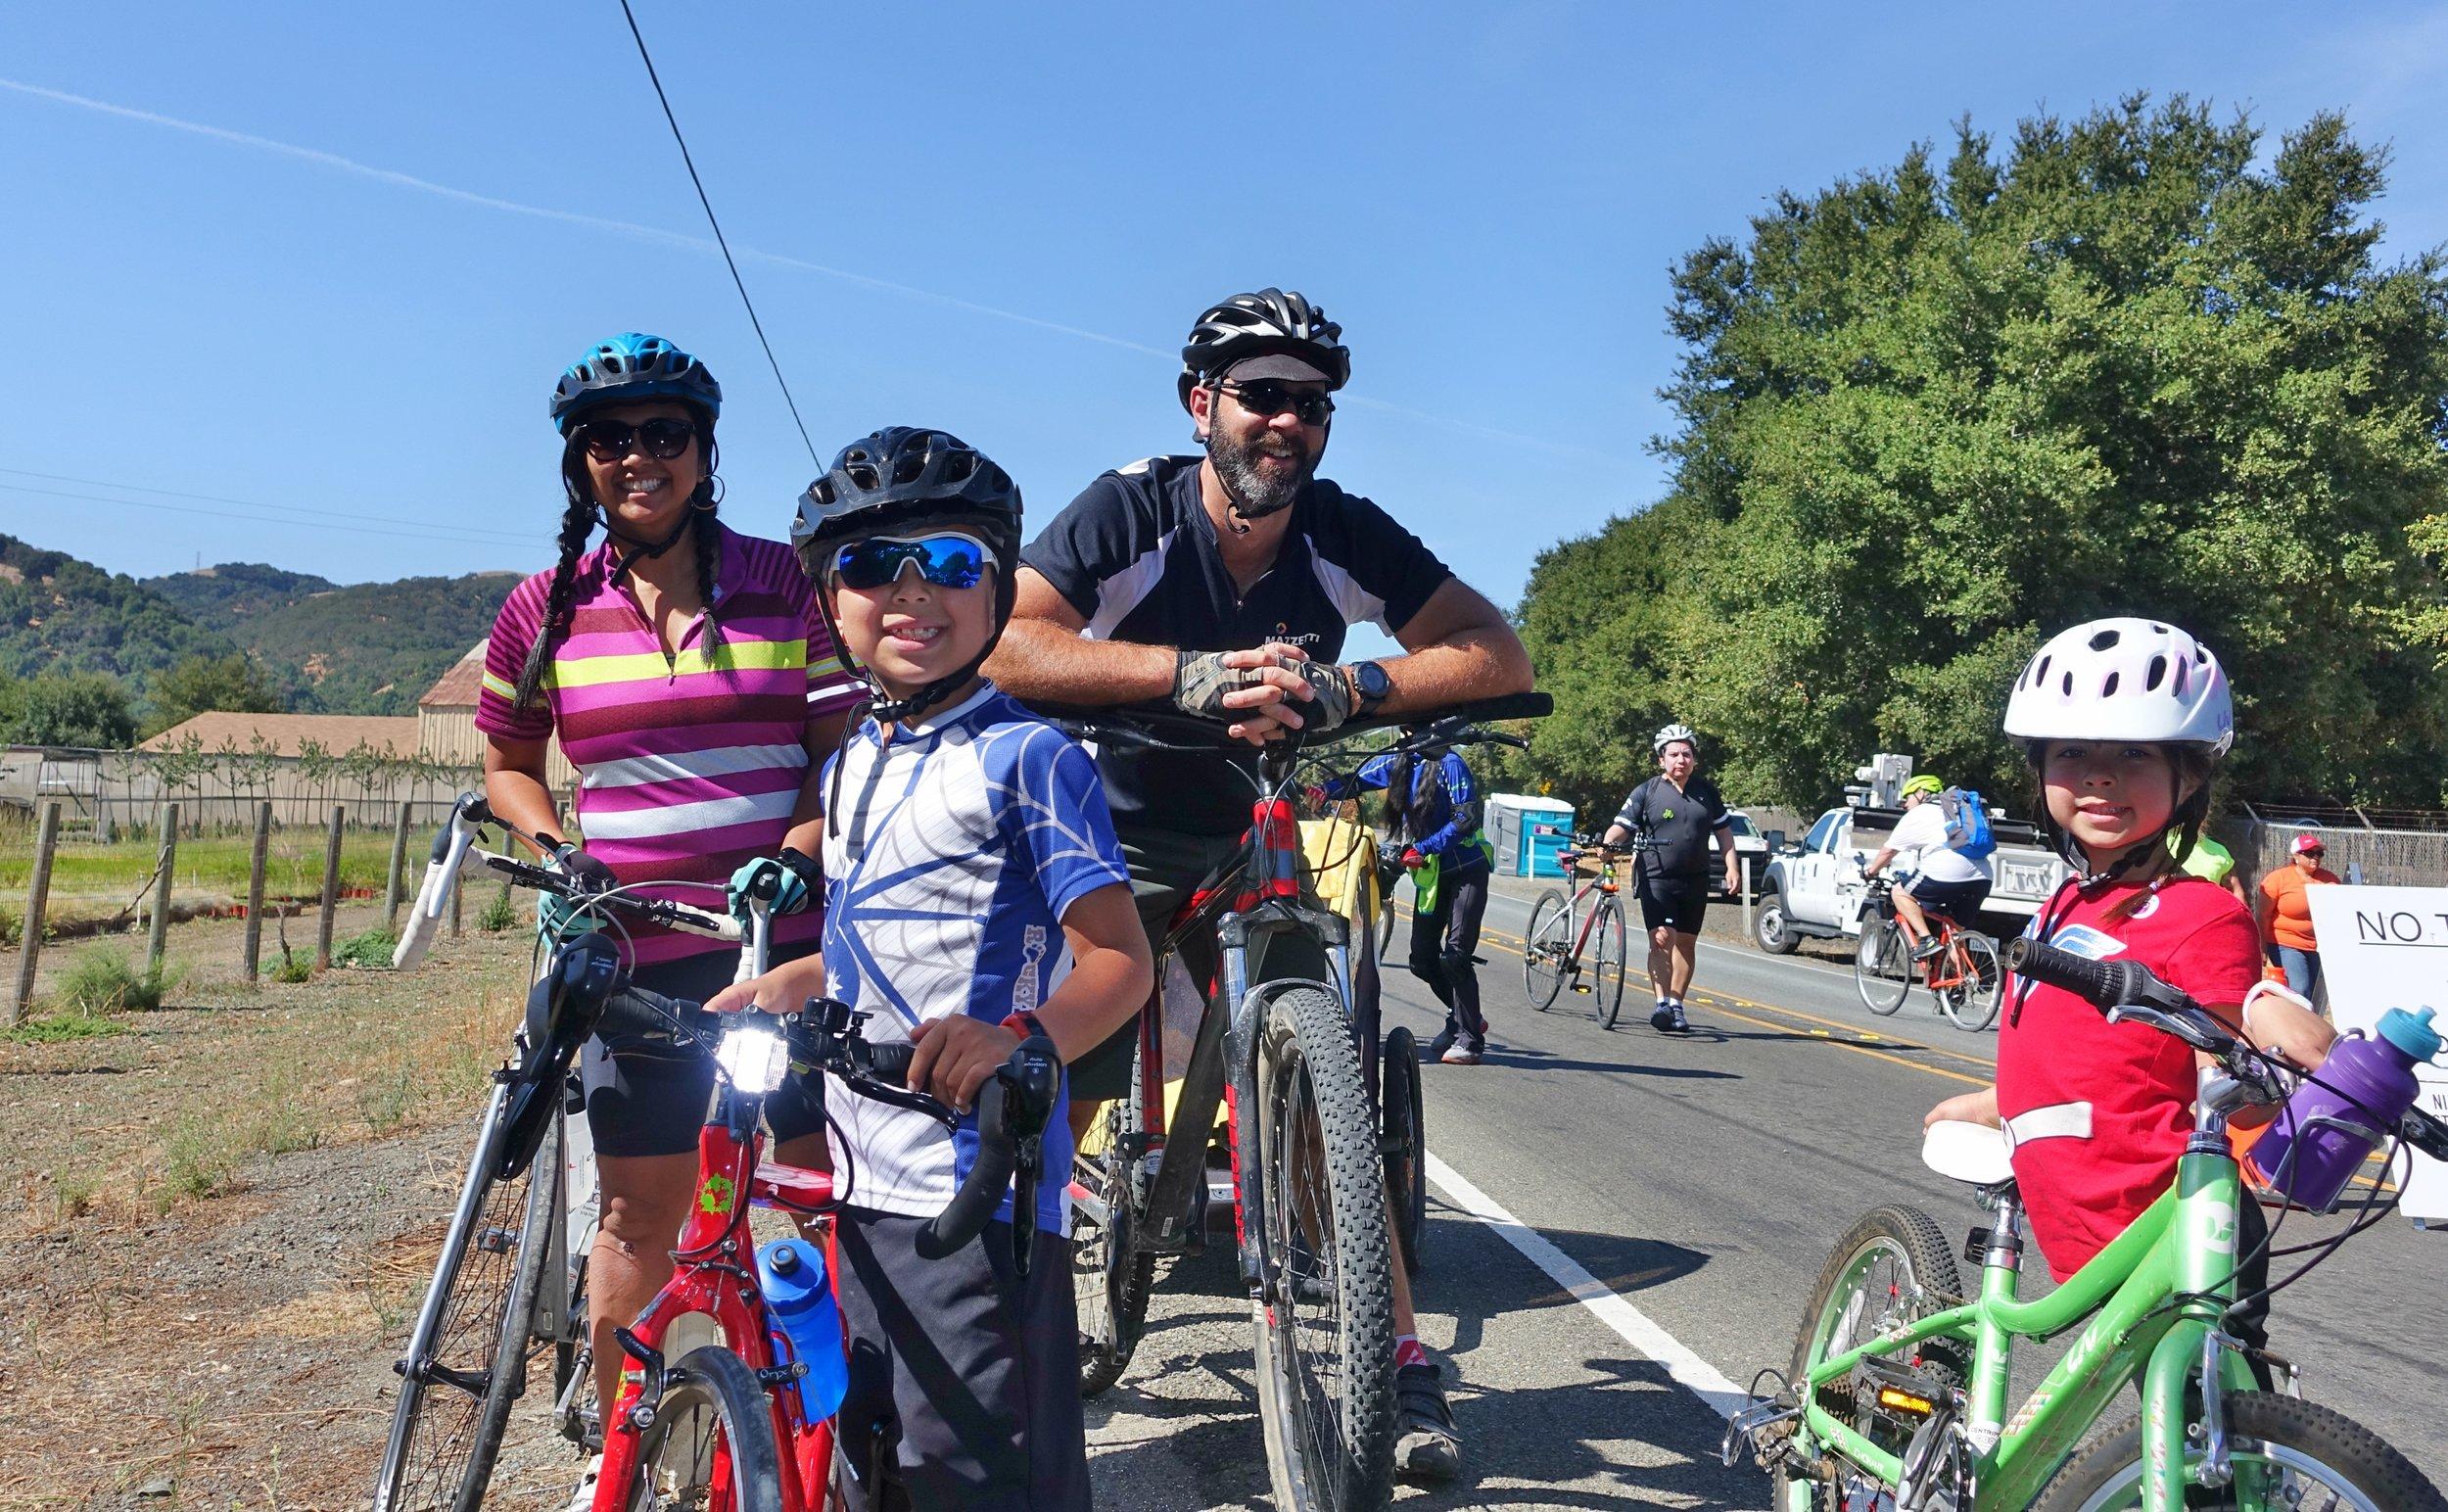 My biking family!